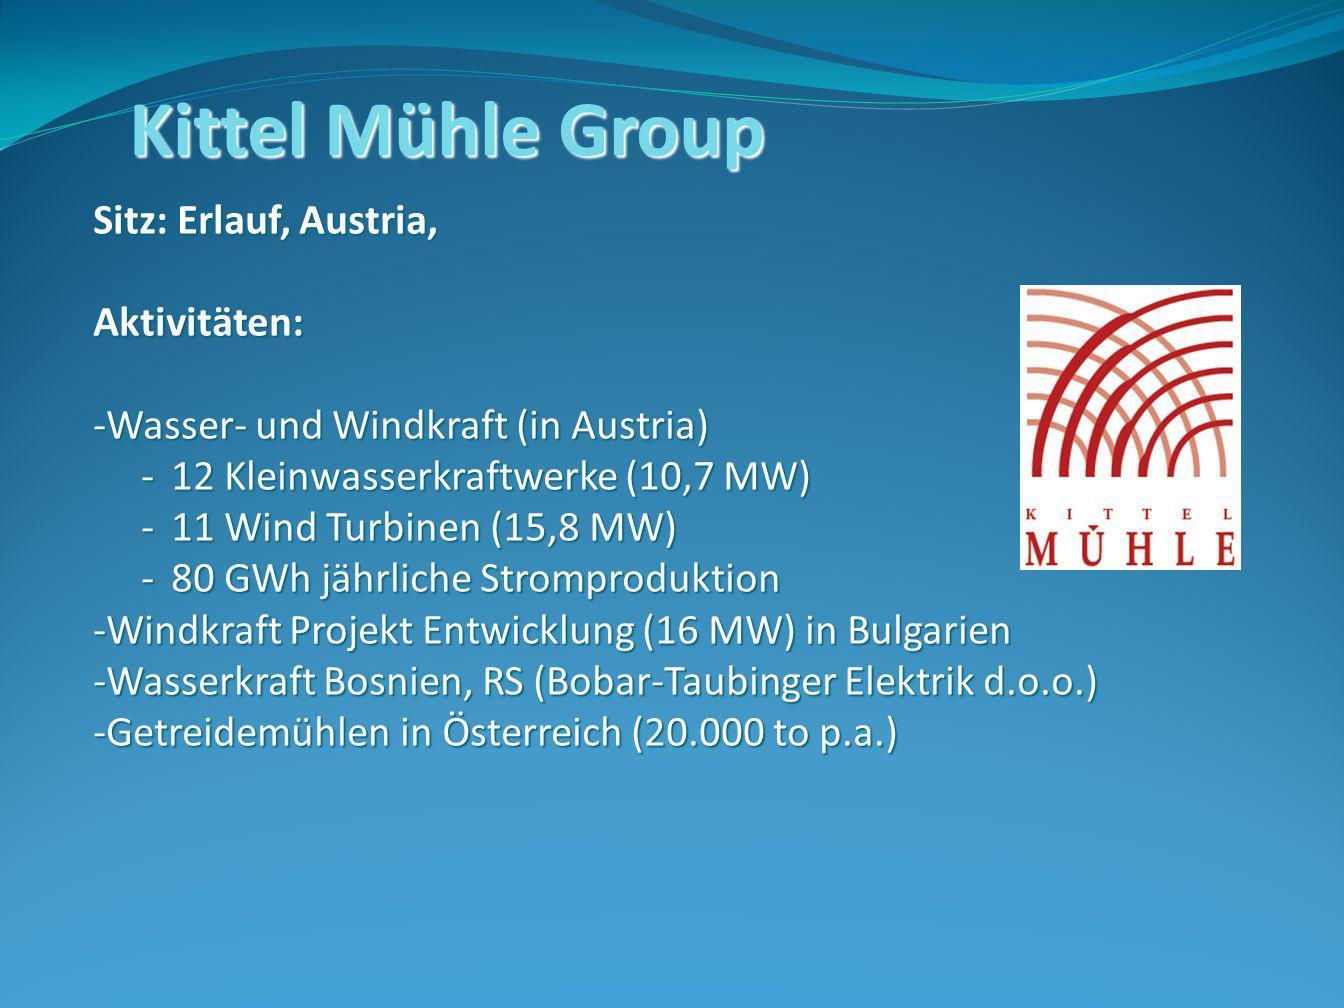 Kittel Mühle Group Sitz: Erlauf, Austria, Aktivitäten: -Wasser- und Windkraft (in Austria) -12 Kleinwasserkraftwerke (10,7 MW) -11 Wind Turbinen (15,8 MW) -80 GWh jährliche Stromproduktion -Windkraft Projekt Entwicklung (16 MW) in Bulgarien -Wasserkraft Bosnien, RS (Bobar-Taubinger Elektrik d.o.o.) -Getreidemühlen in Österreich (20.000 to p.a.)